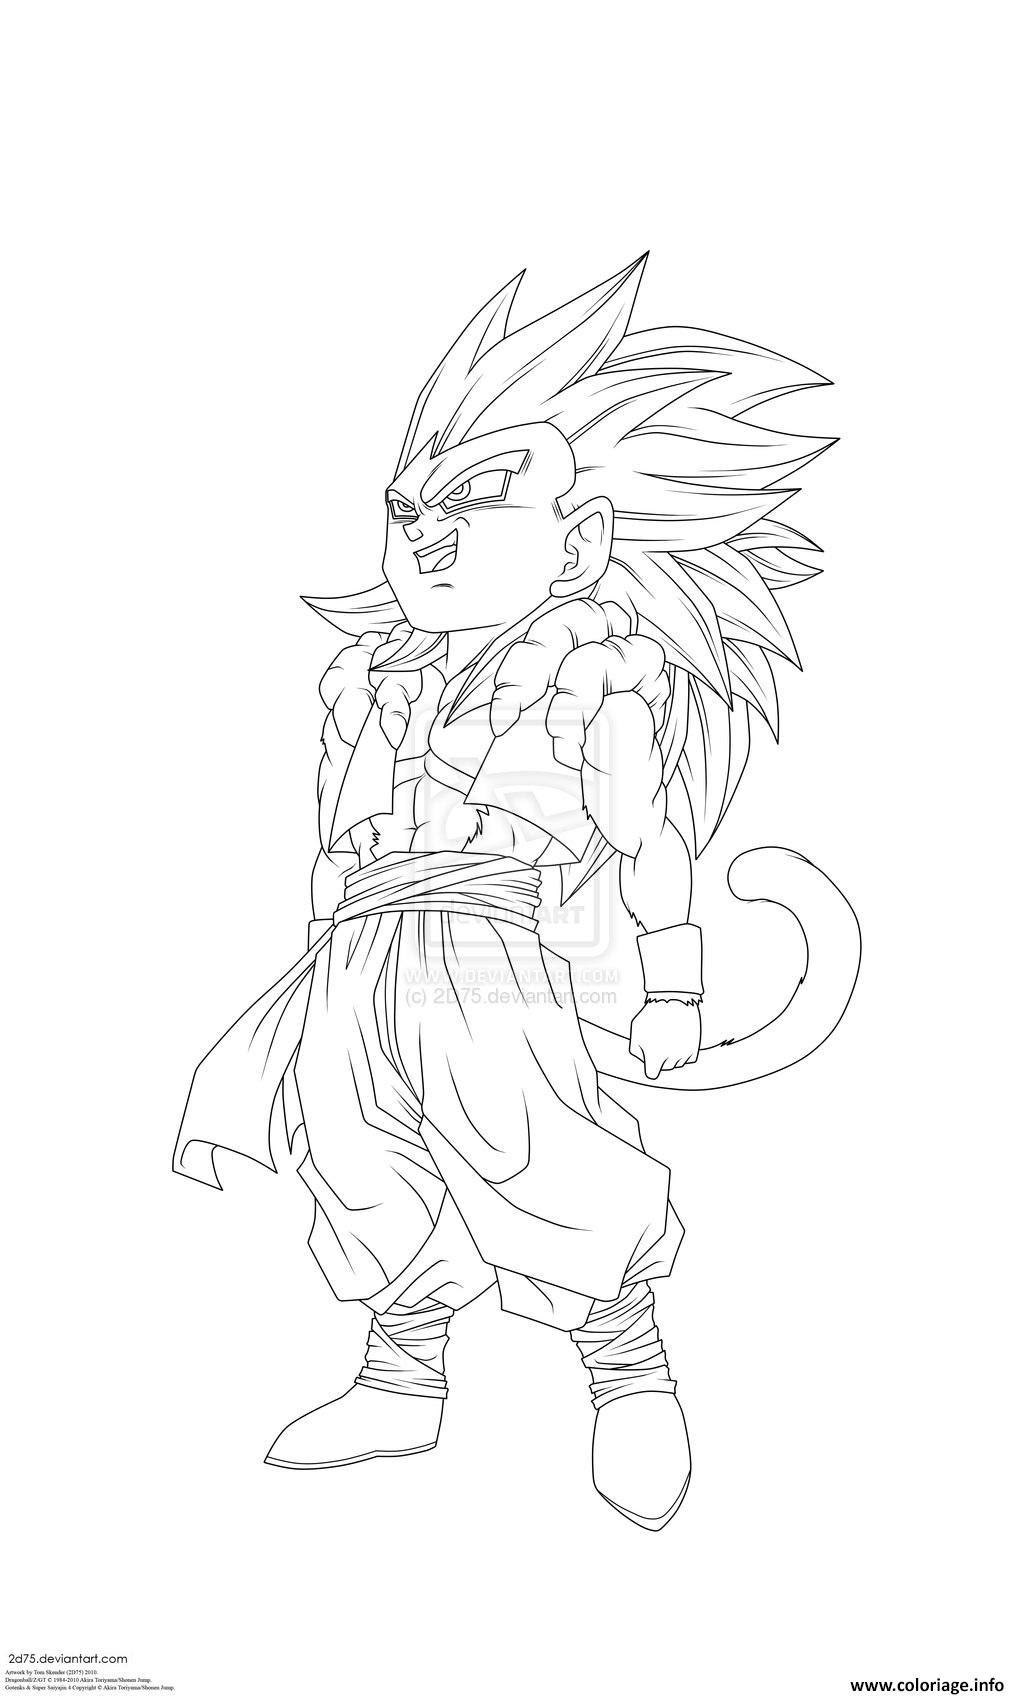 Coloriage Dragon Ball Z 179 dessin